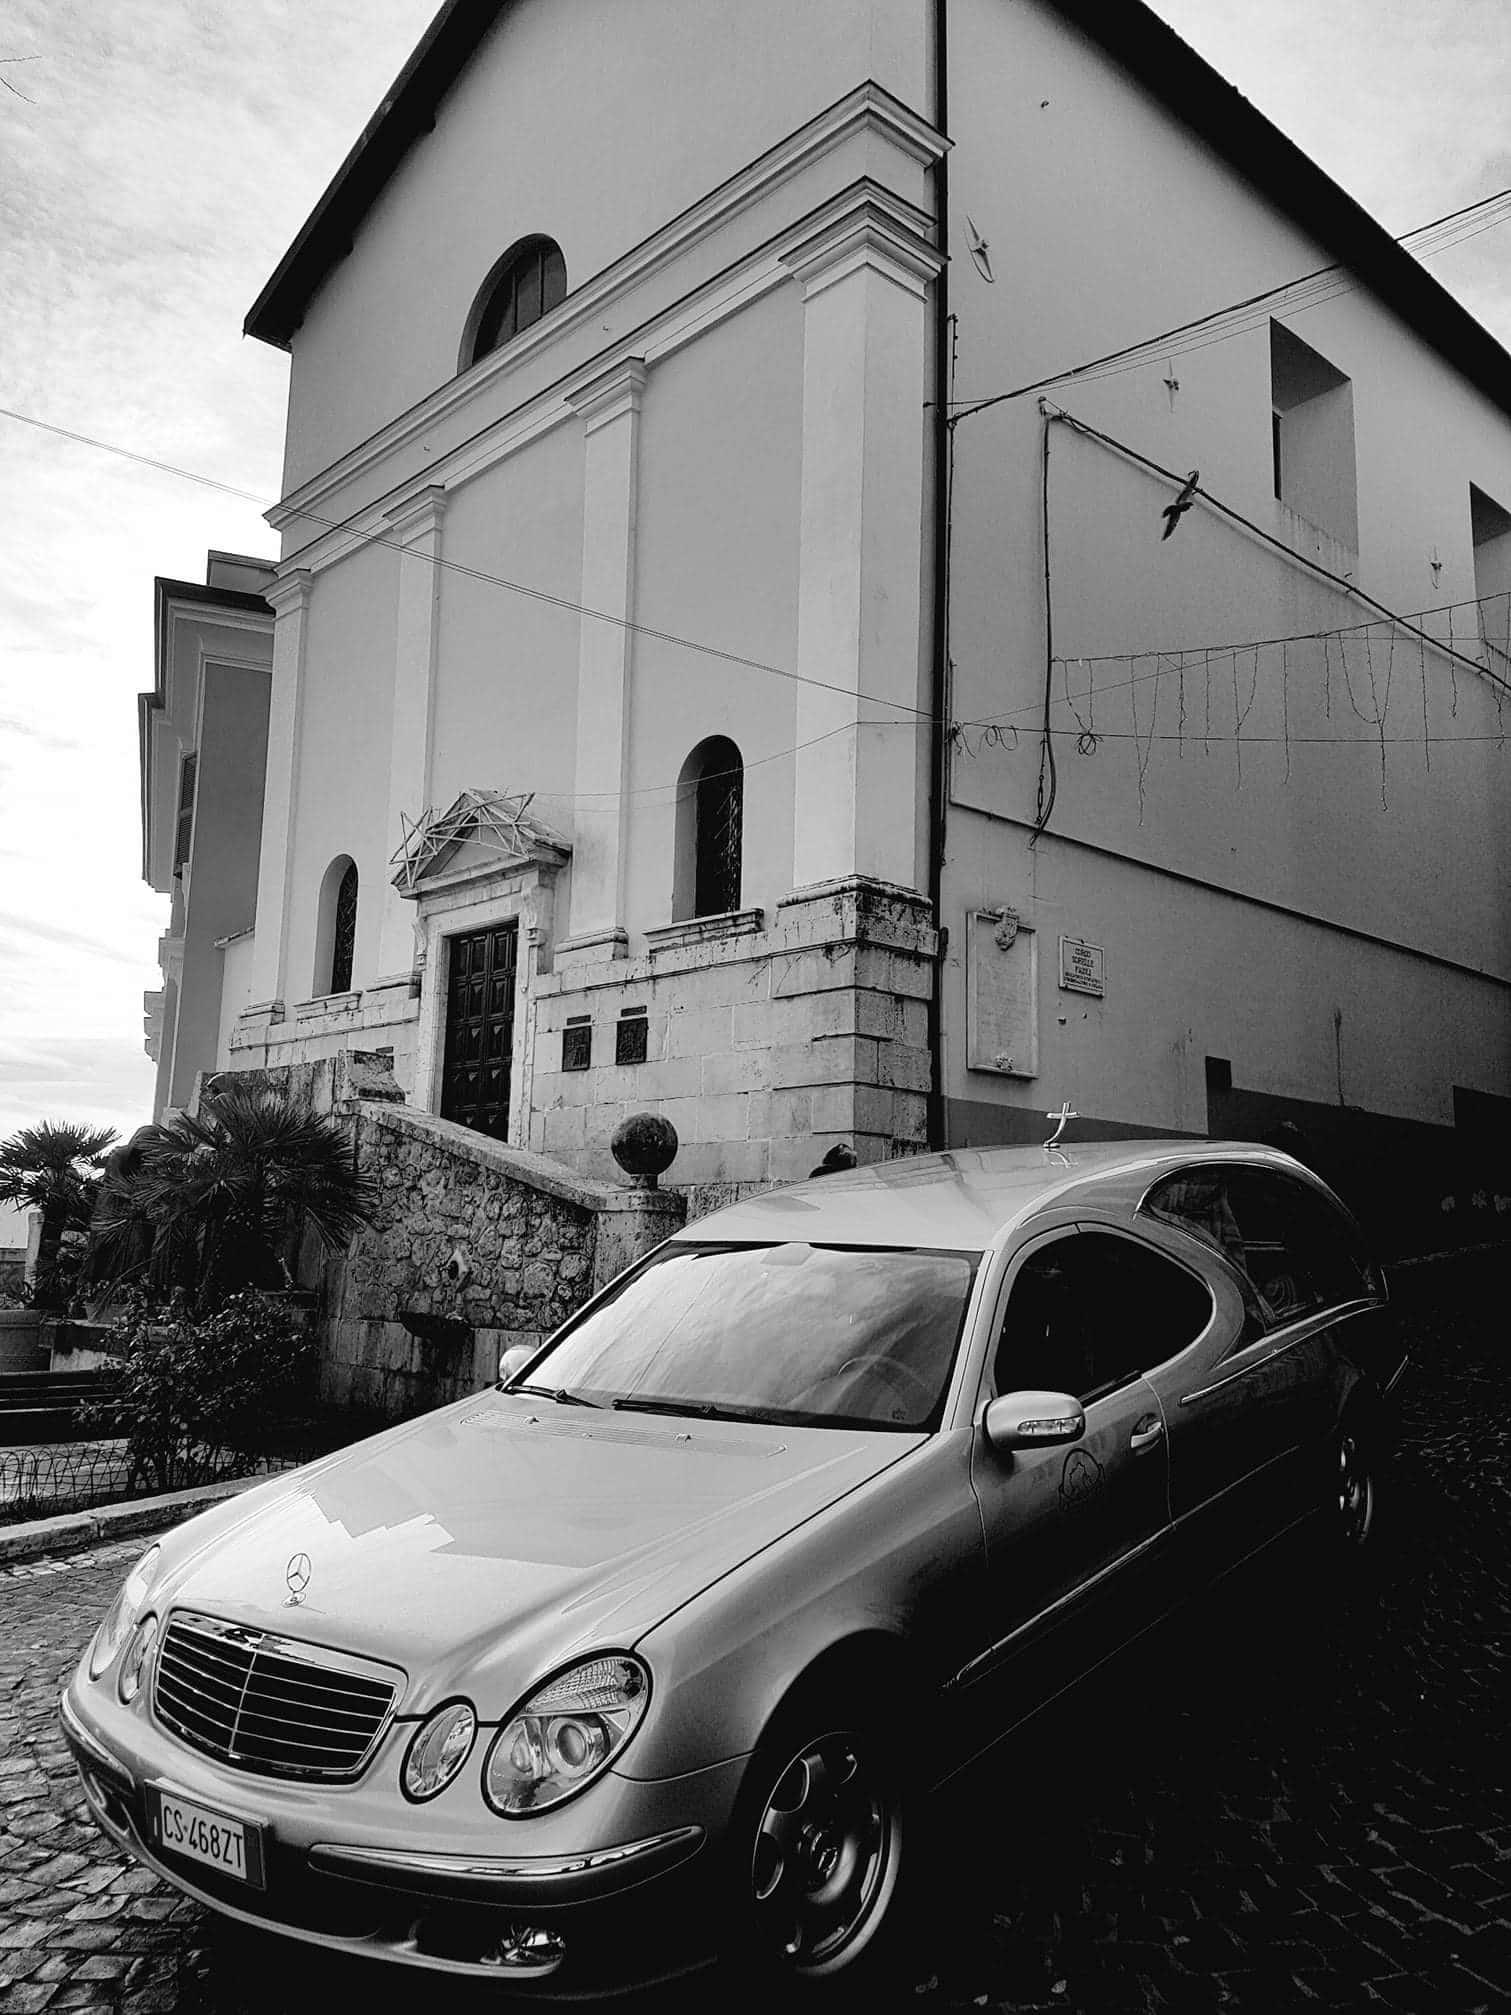 Le-nostre-vetture-agenzia-funebre-la-cattolica-fiuggi-professionalità-e-discrezione